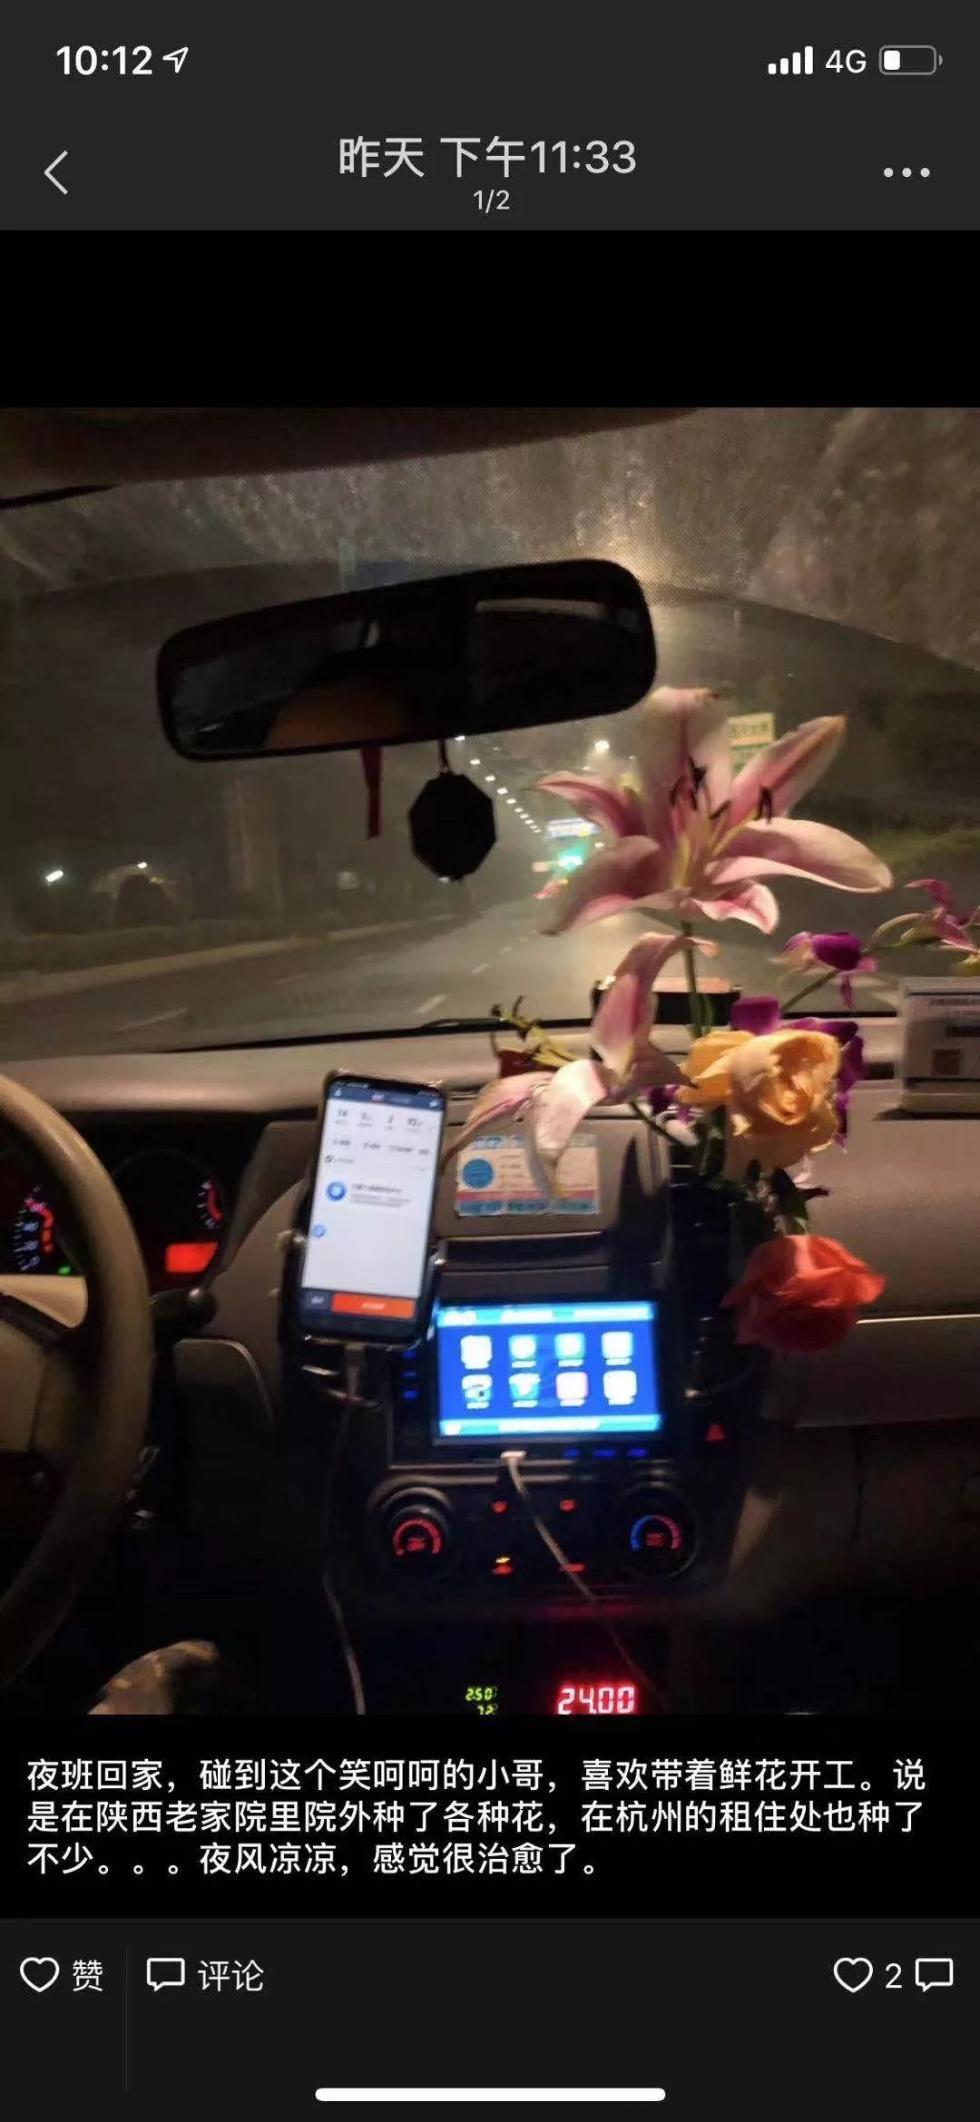 太治愈!杭州女白领深夜打到一辆不一样的出租车:整个城市都变美好了